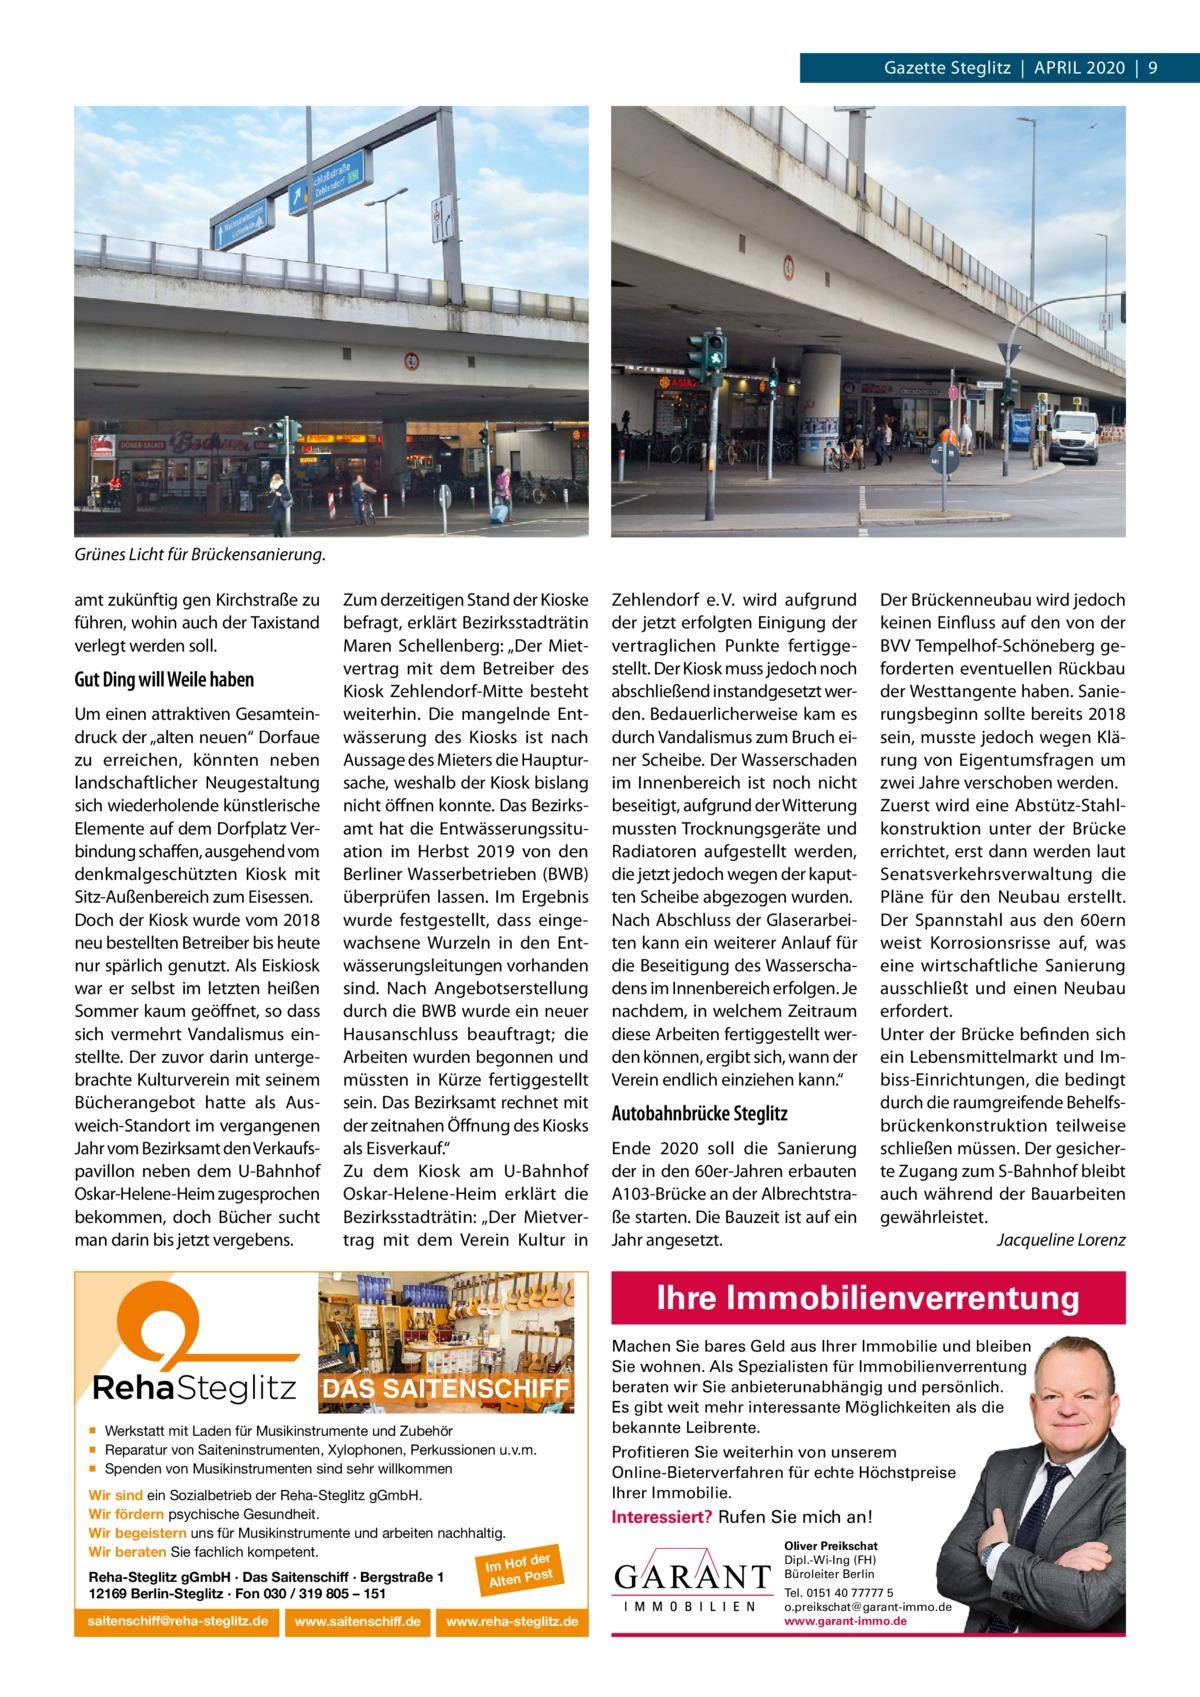 """Gazette Steglitz April 2020 9  Grünes Licht für Brückensanierung. amt zukünftig gen Kirchstraße zu führen, wohin auch der Taxistand verlegt werden soll.  Gut Ding will Weile haben Um einen attraktiven Gesamteindruck der """"alten neuen"""" Dorfaue zu erreichen, könnten neben landschaftlicher Neugestaltung sich wiederholende künstlerische Elemente auf dem Dorfplatz Verbindung schaffen, ausgehend vom denkmalgeschützten Kiosk mit Sitz-Außenbereich zum Eisessen. Doch der Kiosk wurde vom 2018 neu bestellten Betreiber bis heute nur spärlich genutzt. Als Eiskiosk war er selbst im letzten heißen Sommer kaum geöffnet, so dass sich vermehrt Vandalismus einstellte. Der zuvor darin untergebrachte Kulturverein mit seinem Bücherangebot hatte als Ausweich-Standort im vergangenen Jahr vom Bezirksamt den Verkaufspavillon neben dem U-Bahnhof Oskar-Helene-Heim zugesprochen bekommen, doch Bücher sucht man darin bis jetzt vergebens.  Zum derzeitigen Stand der Kioske befragt, erklärt Bezirksstadträtin Maren Schellenberg: """"Der Mietvertrag mit dem Betreiber des Kiosk Zehlendorf-Mitte besteht weiterhin. Die mangelnde Entwässerung des Kiosks ist nach Aussage des Mieters die Hauptursache, weshalb der Kiosk bislang nicht öffnen konnte. Das Bezirksamt hat die Entwässerungssituation im Herbst 2019 von den Berliner Wasserbetrieben (BWB) überprüfen lassen. im Ergebnis wurde festgestellt, dass eingewachsene Wurzeln in den Entwässerungsleitungen vorhanden sind. Nach Angebotserstellung durch die BWB wurde ein neuer Hausanschluss beauftragt; die Arbeiten wurden begonnen und müssten in Kürze fertiggestellt sein. Das Bezirksamt rechnet mit der zeitnahen Öffnung des Kiosks als Eisverkauf."""" Zu dem Kiosk am U-Bahnhof Oskar-Helene-Heim erklärt die Bezirksstadträtin: """"Der Mietvertrag mit dem Verein Kultur in  Zehlendorf e. V. wird aufgrund der jetzt erfolgten Einigung der vertraglichen punkte fertiggestellt. Der Kiosk muss jedoch noch abschließend instandgesetzt werden. Bedauerlicherweise kam es durch Vandalismus """